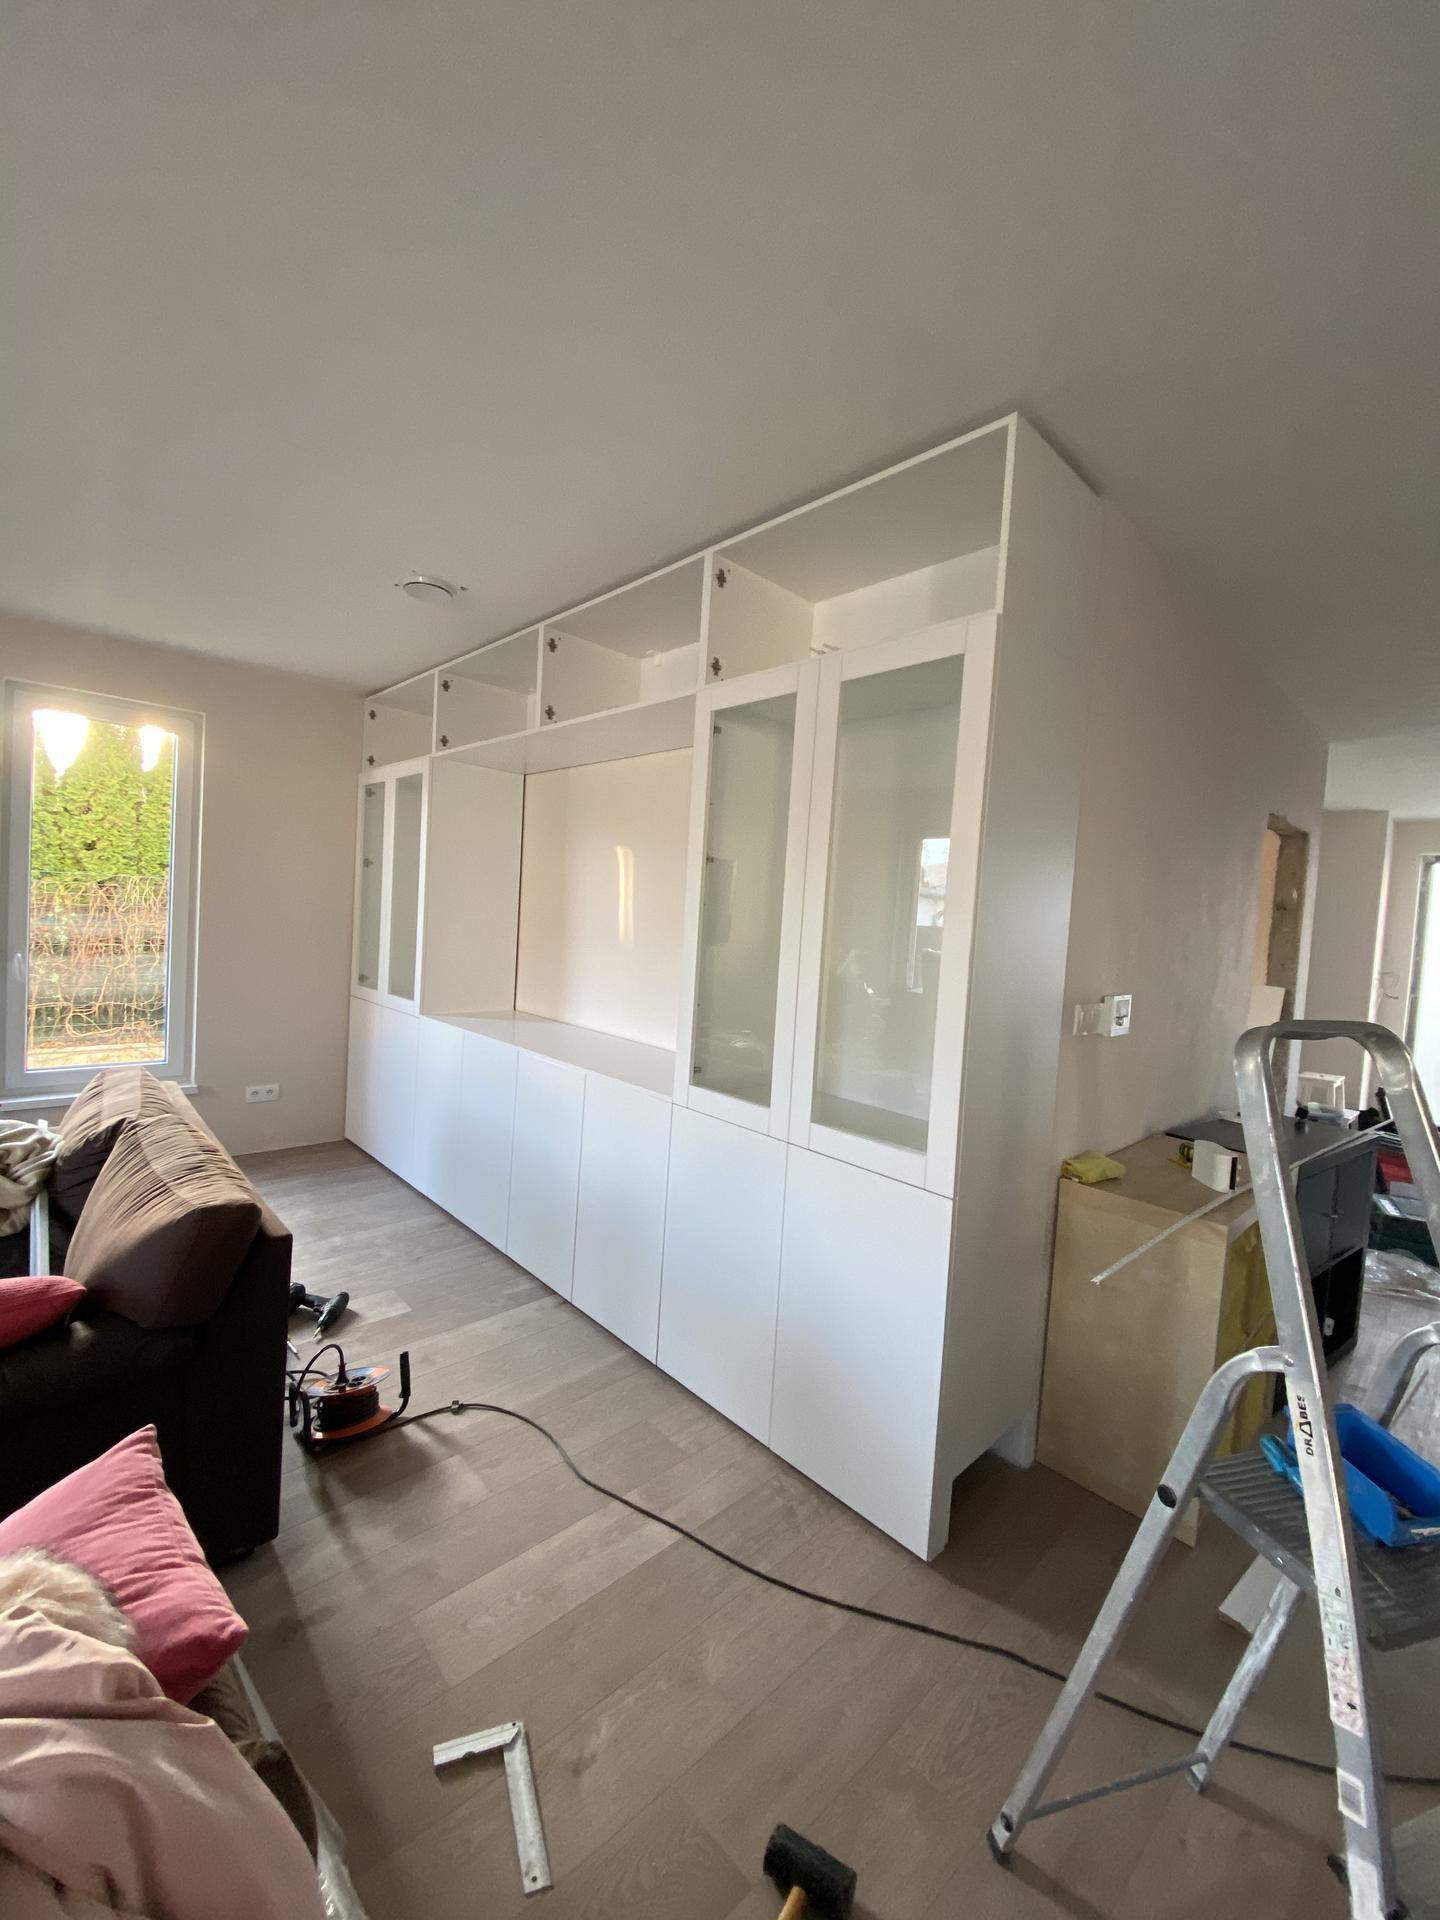 Zariaďujeme domček 🥰 - Aj v obývačke sa nám rysuje úložný priestor ❤️